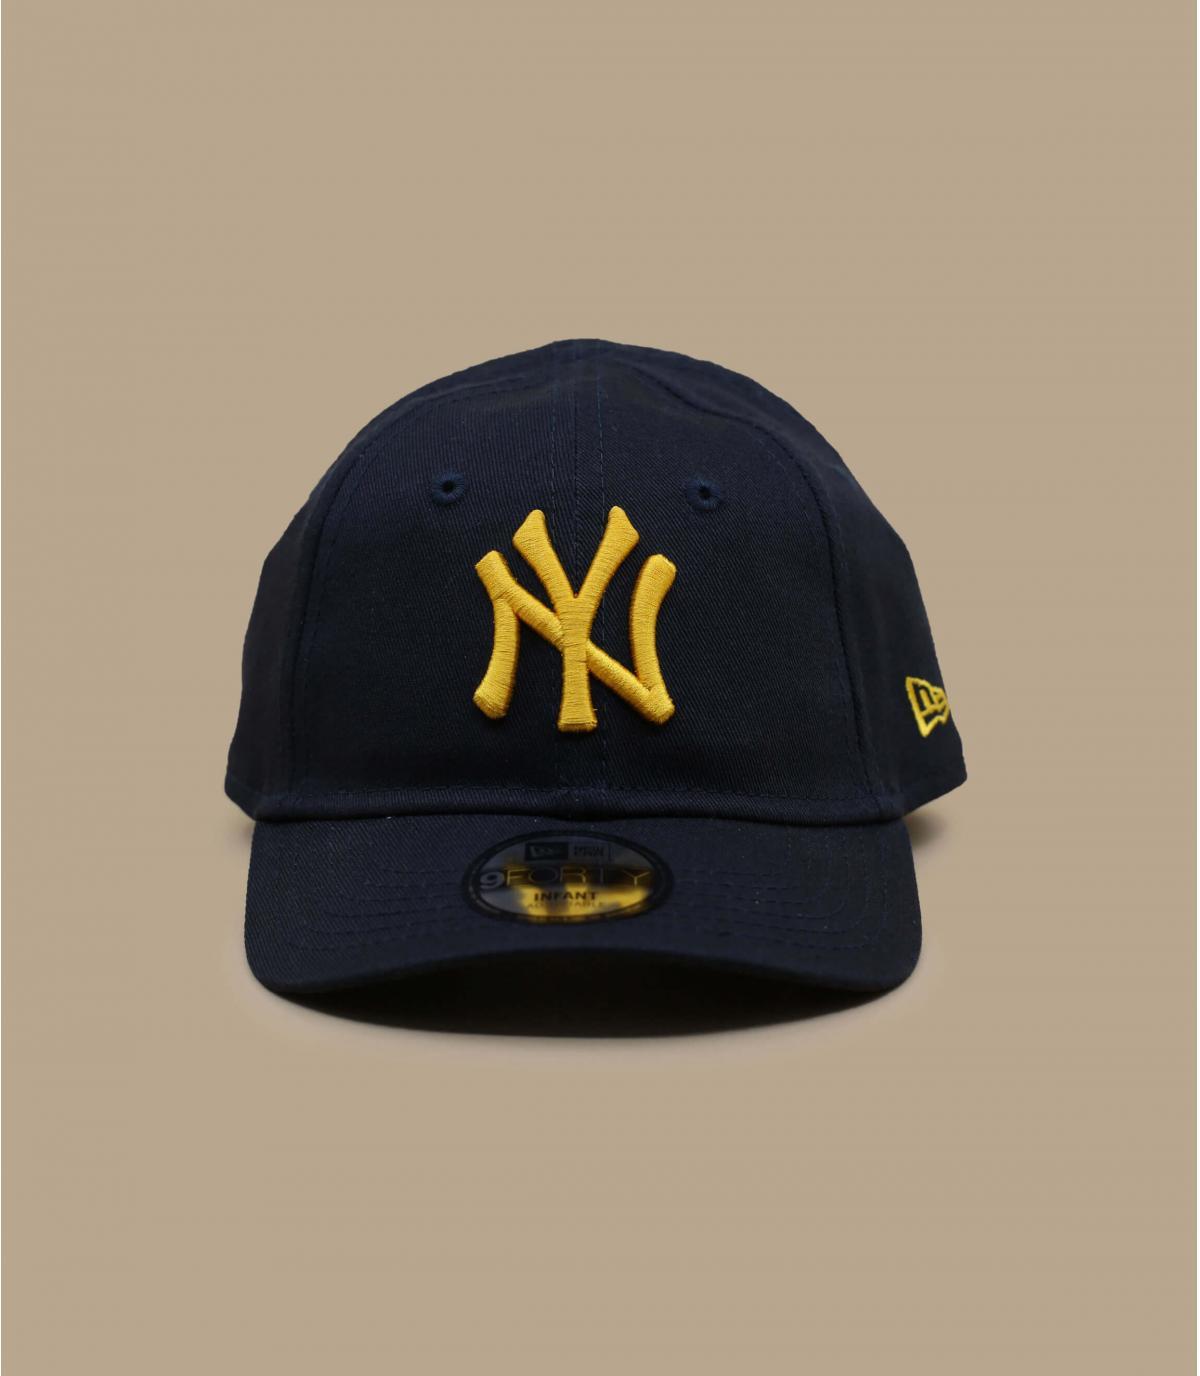 navy blue NY baby cap